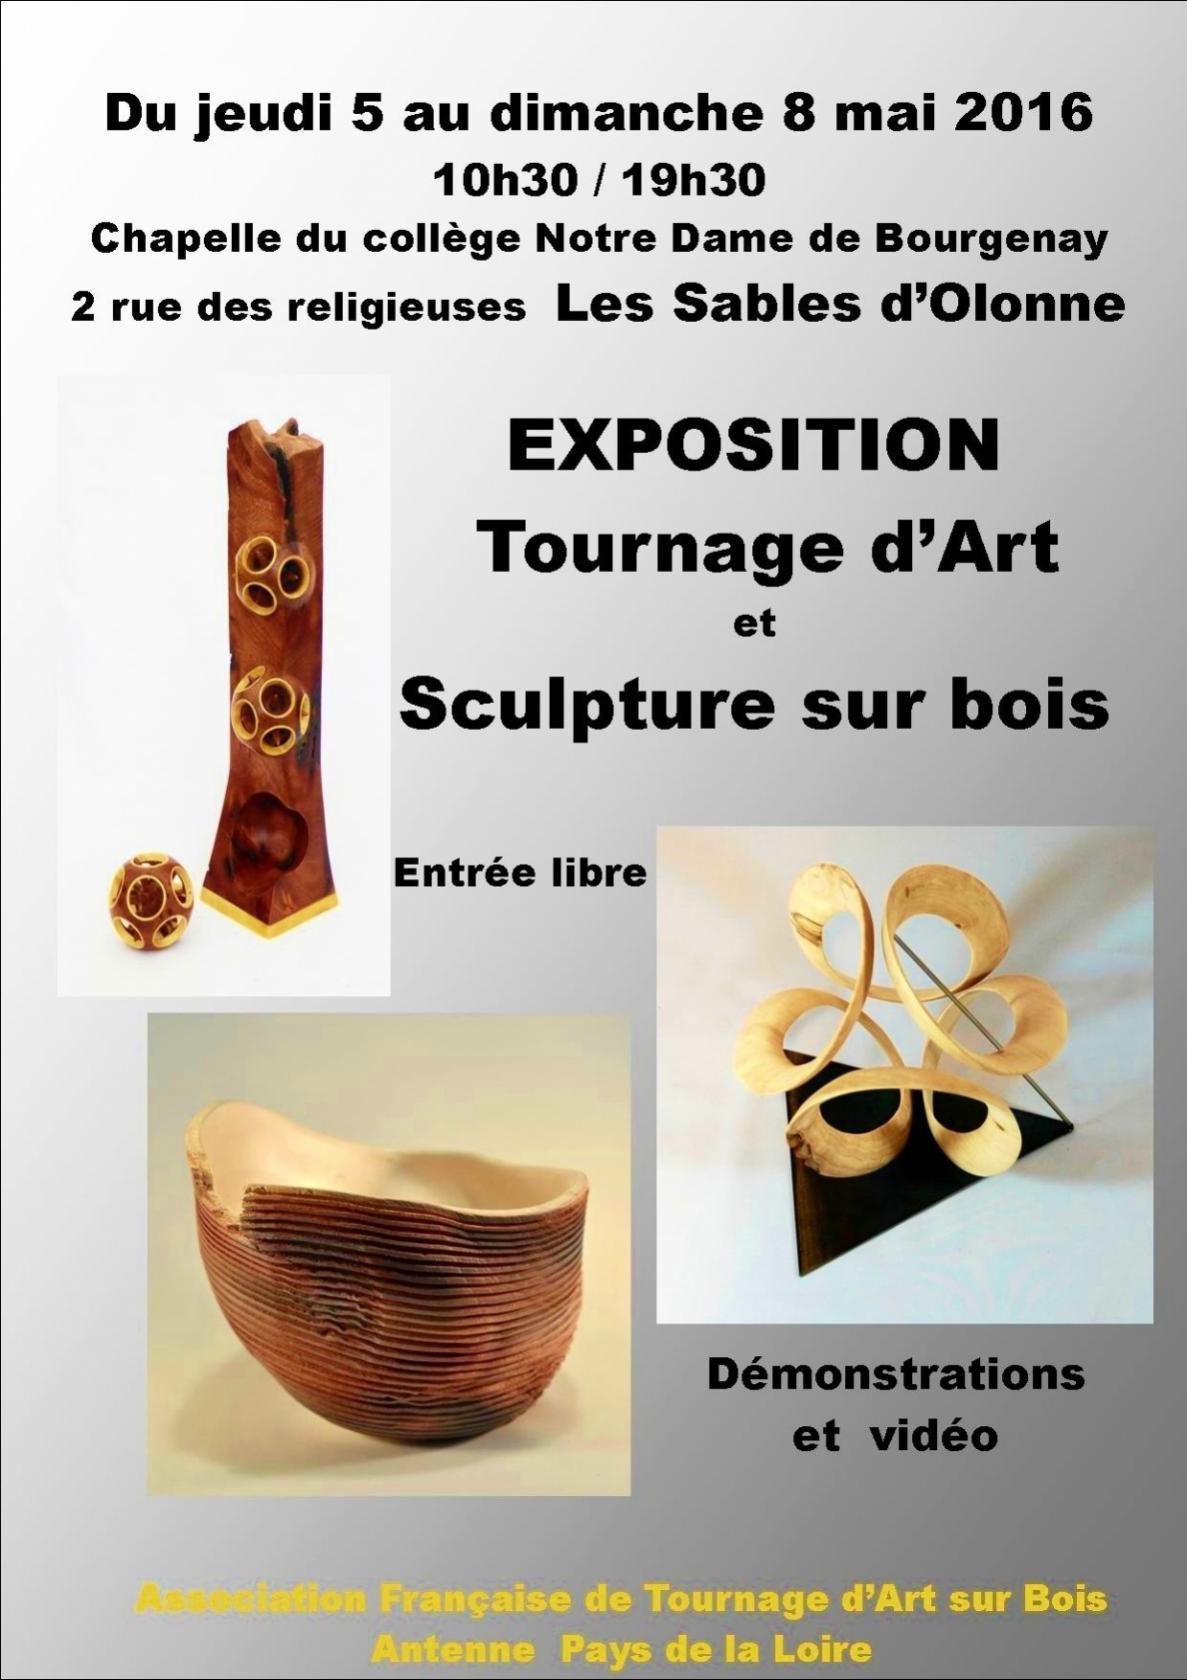 Tournage d'art et sculpture sur bois Les Sables-d'Olonne